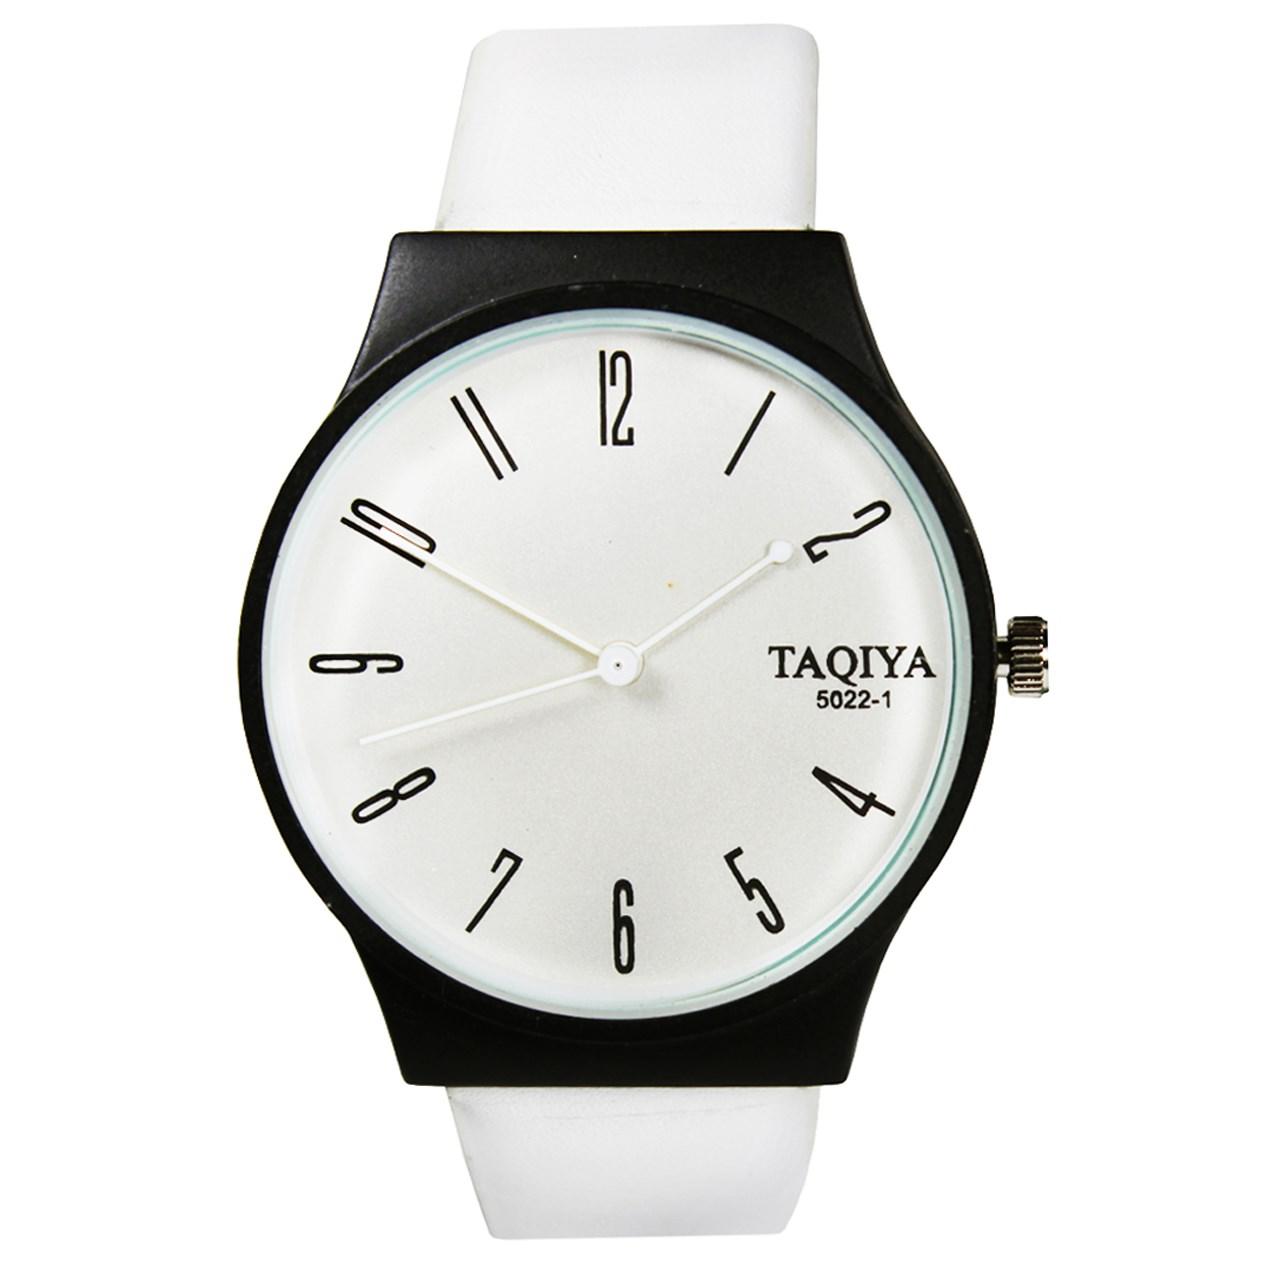 ساعت مچی عقربه ای مردانه و زنانه مدل تاکیا 12